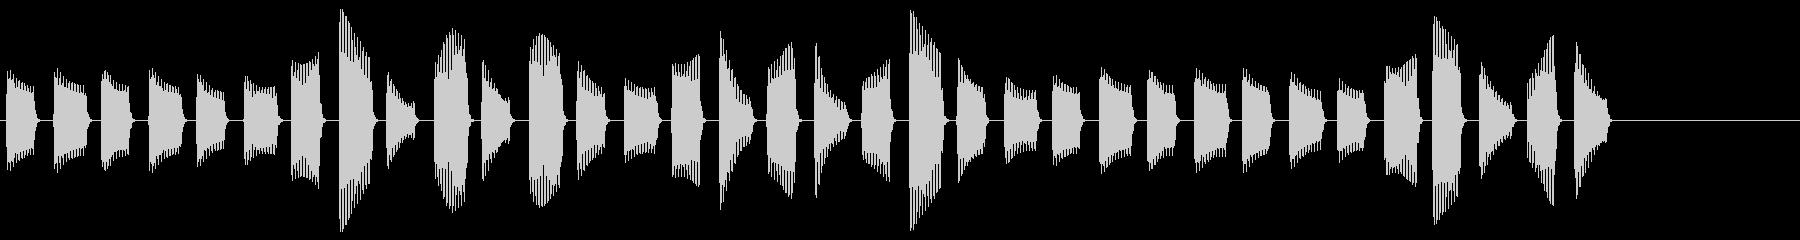 ピピピピピピピピピピピピ(目覚まし時計)の未再生の波形